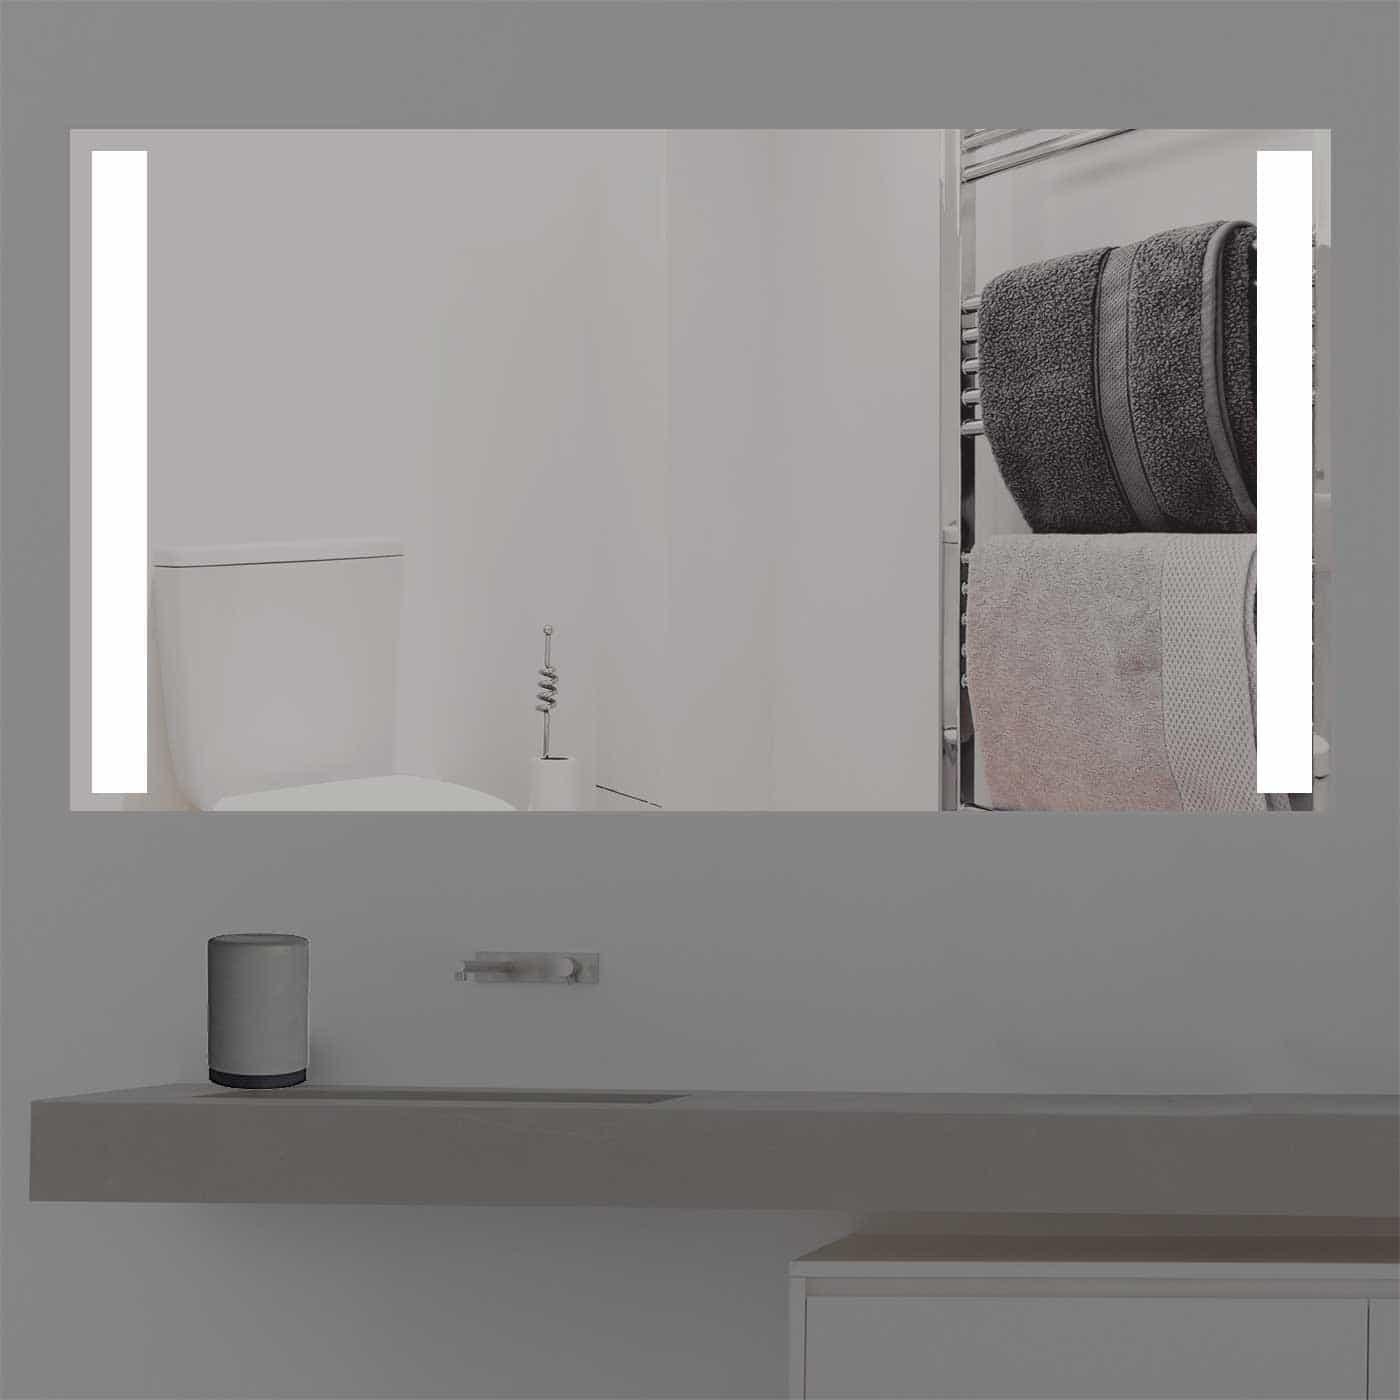 badspiegel_k202_led_beleuchtet_nn Stilvolle Badspiegel Mit Steckdose Und Beleuchtung Dekorationen